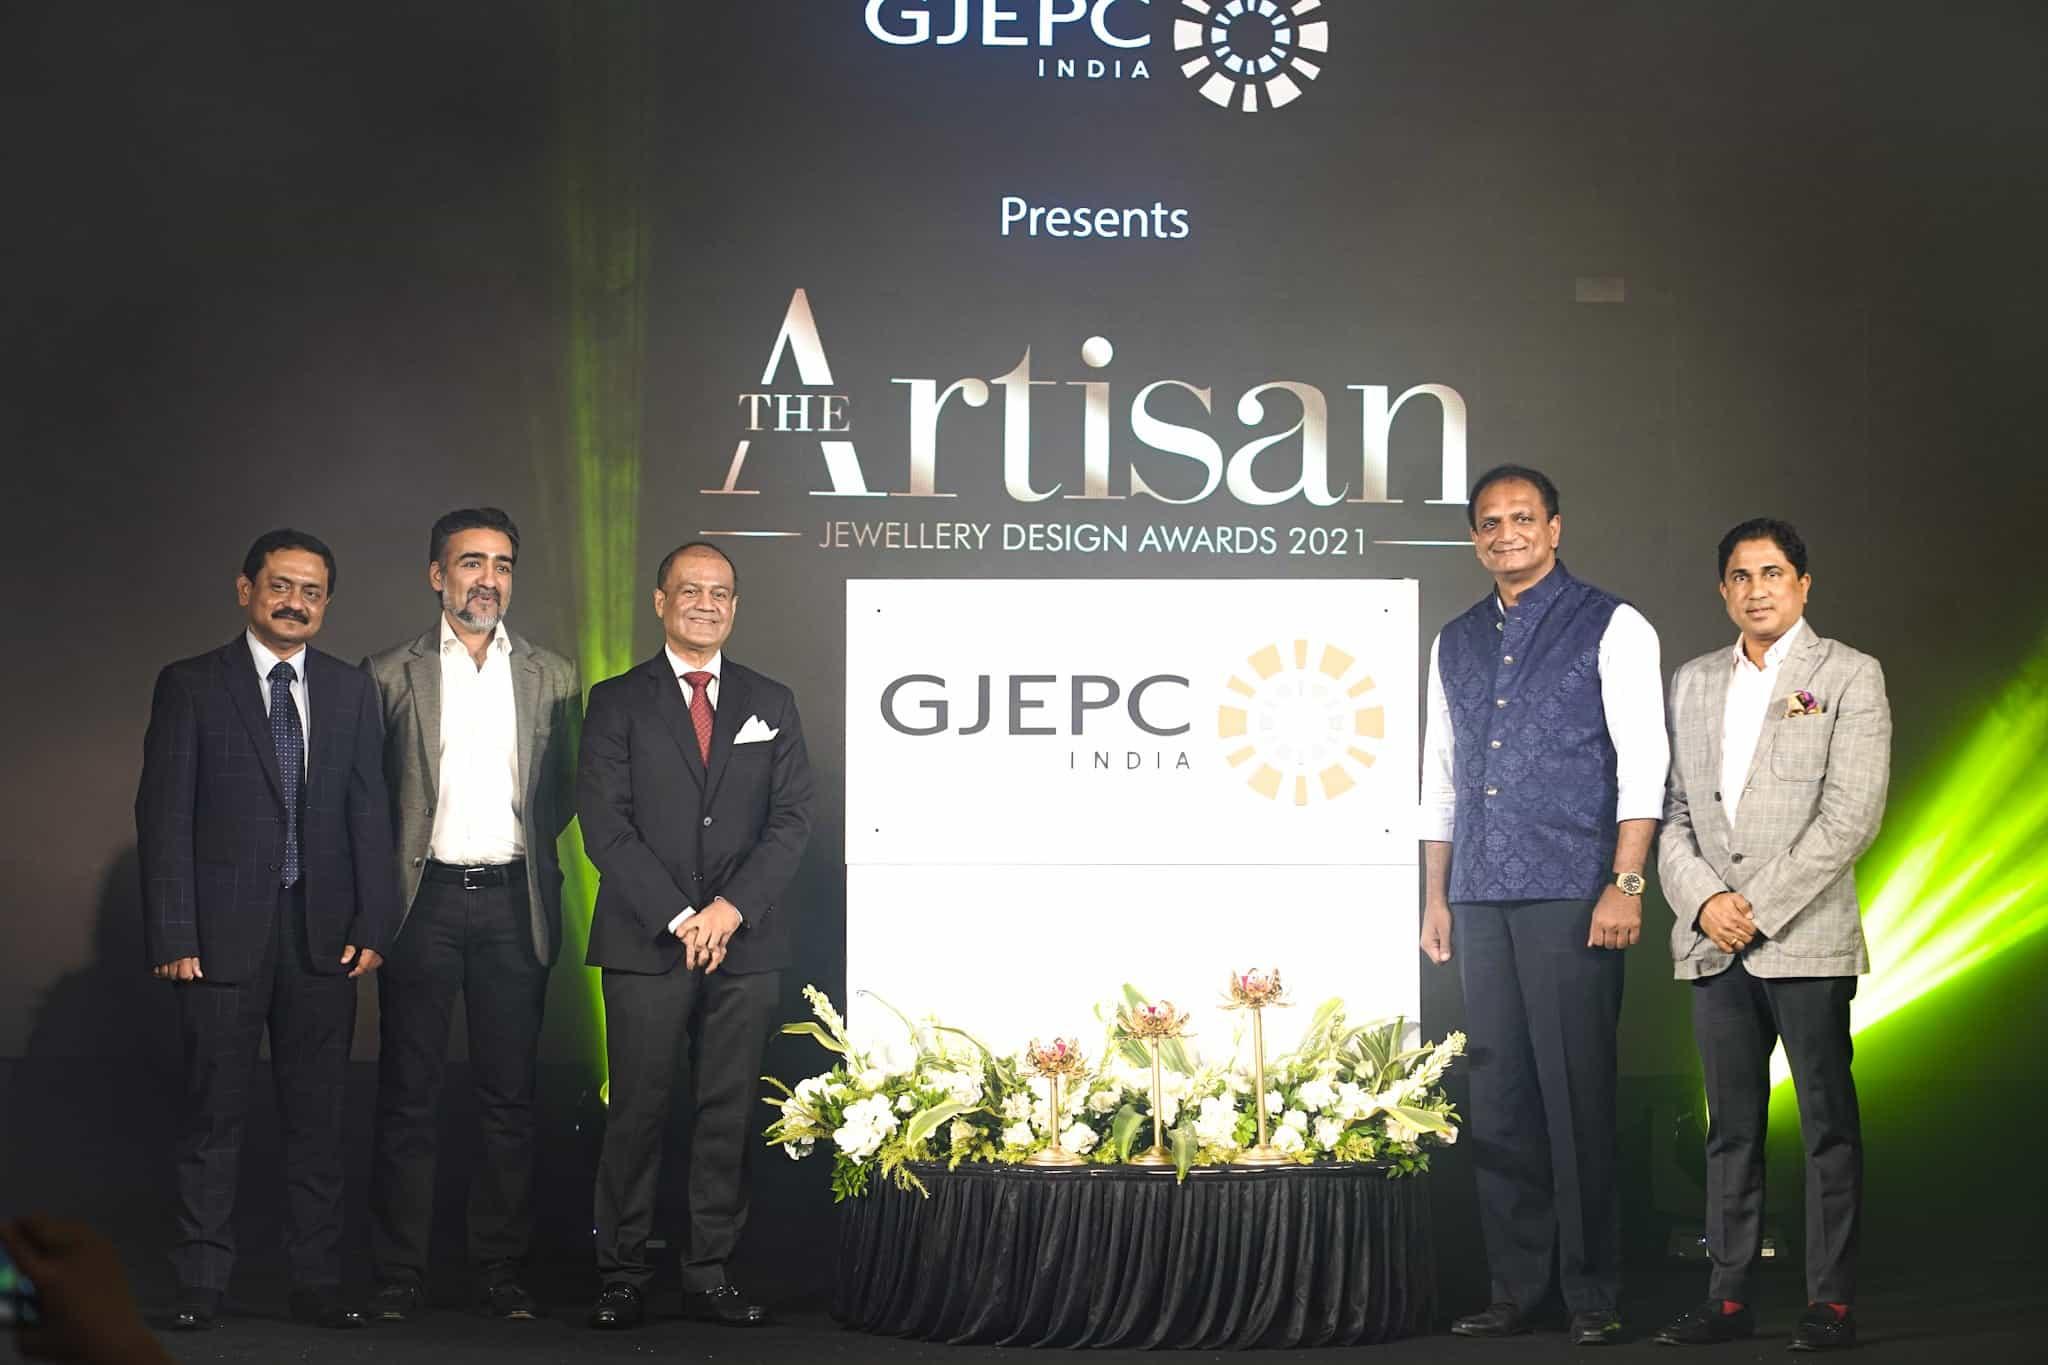 GJEPC India